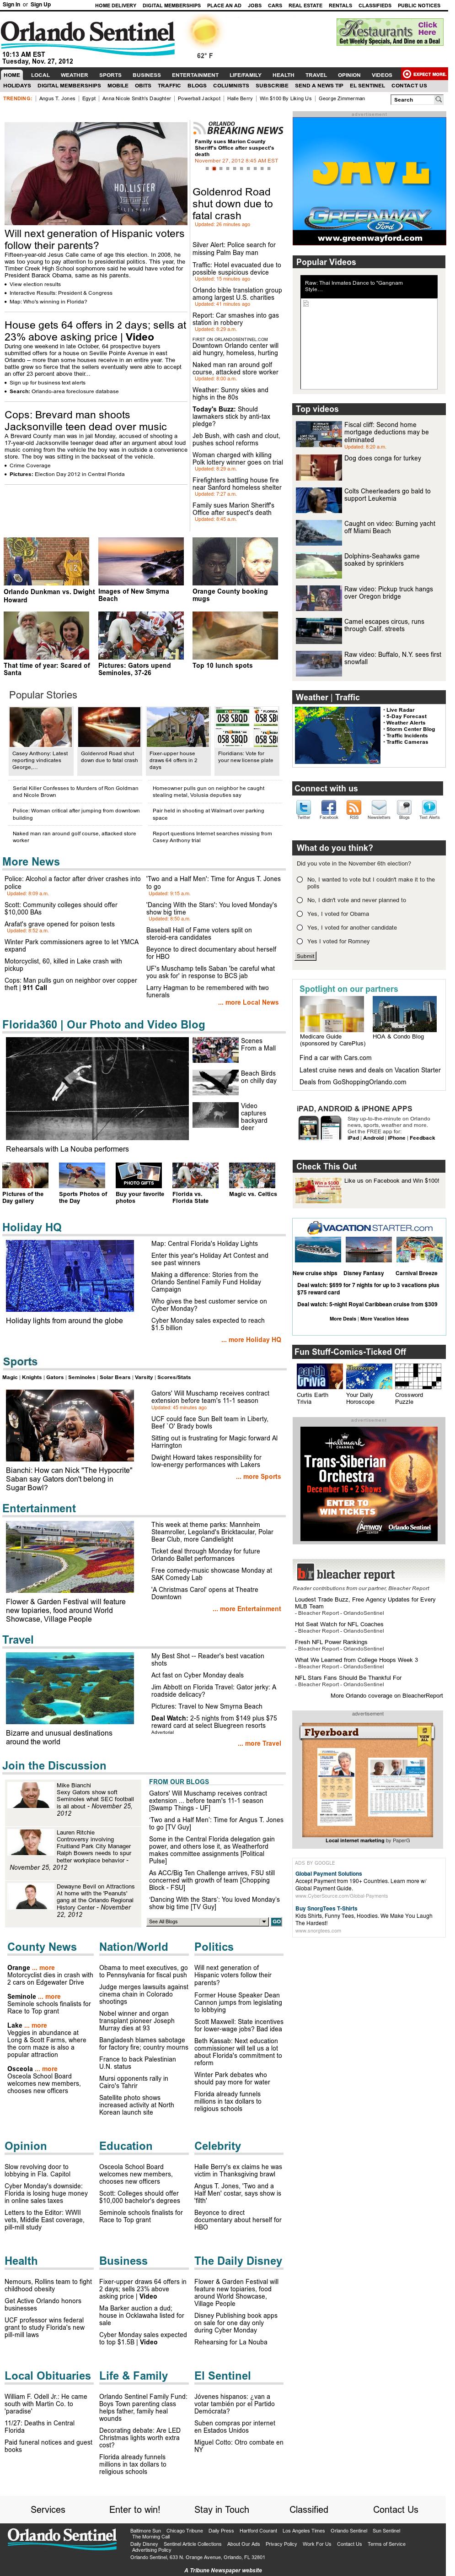 Orlando Sentinel at Tuesday Nov. 27, 2012, 3:20 p.m. UTC